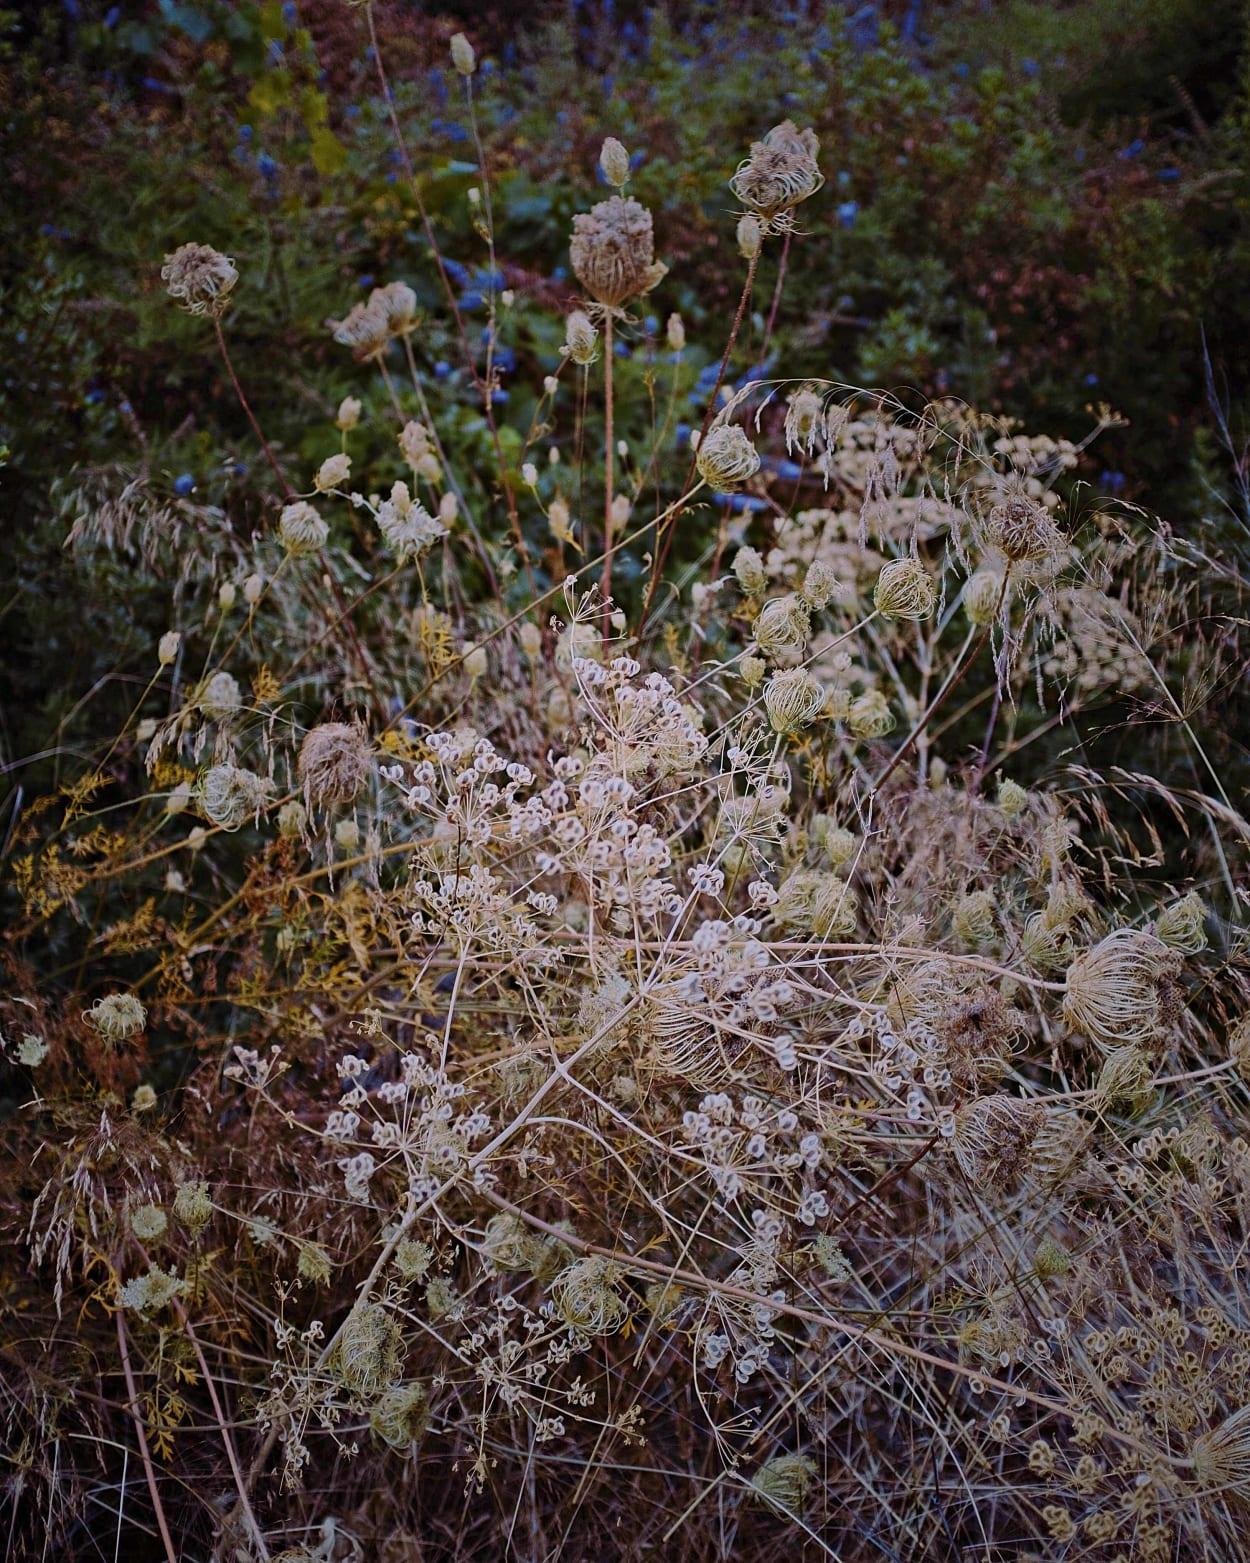 Garten, Fotografie, Letizia Le Fur, Pflanzen, Farbe, Botanik, Paris